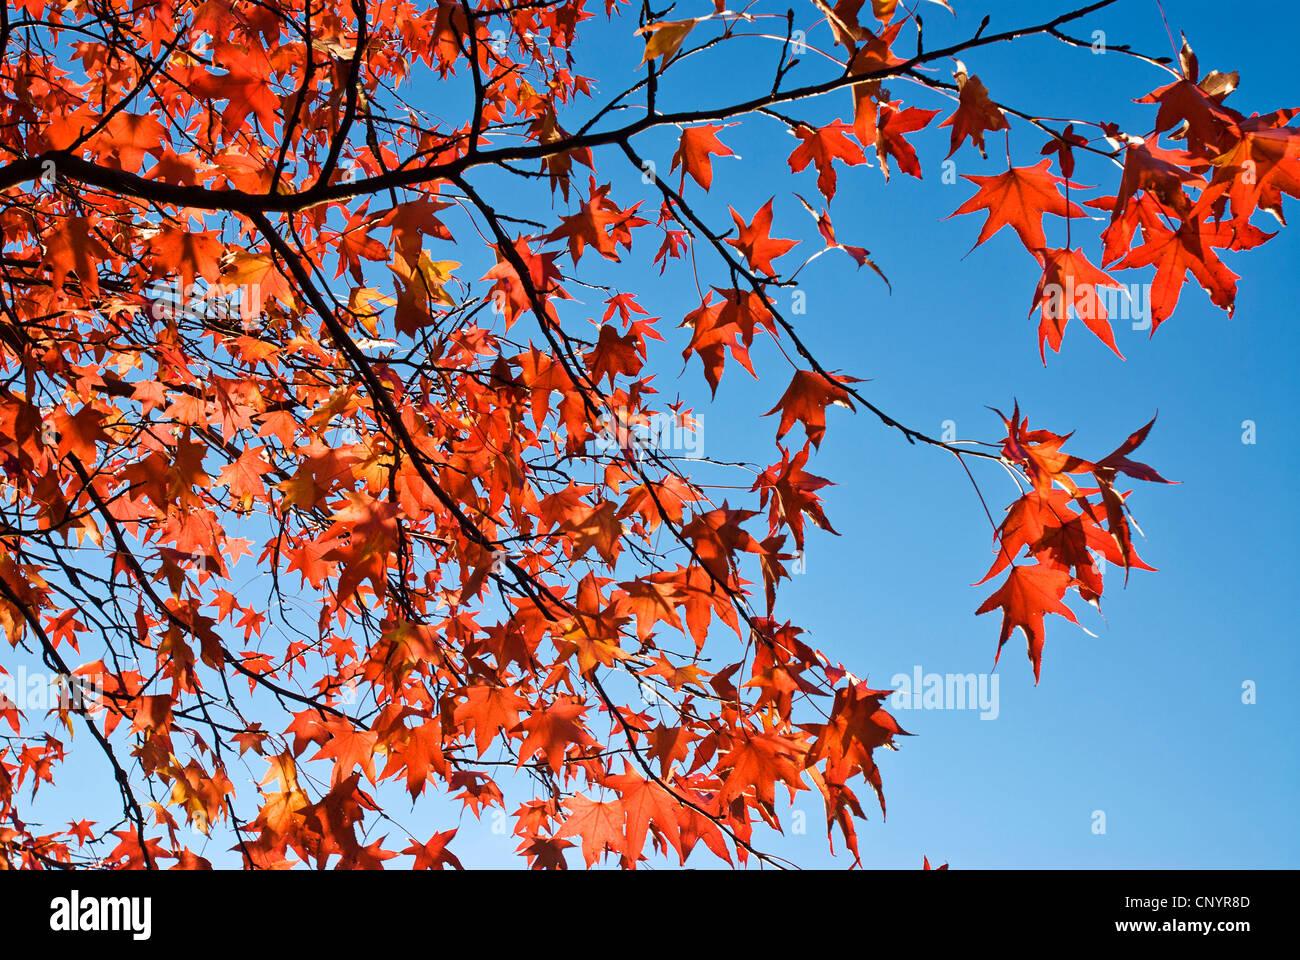 Hojas rojas en otoño con el cielo azul de fondo. Imagen De Stock